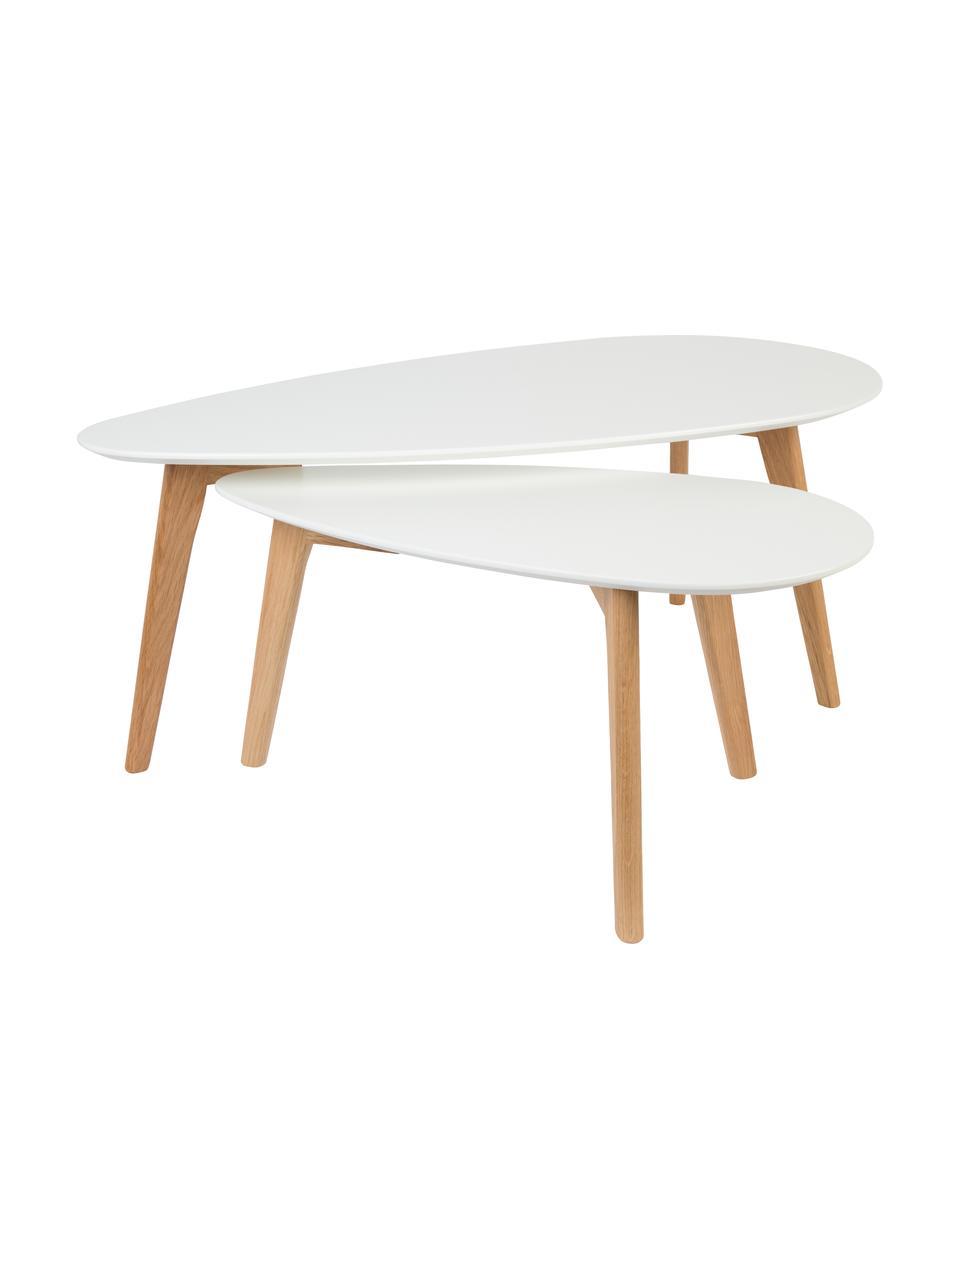 Couchtisch 2er-Set Nordic im Skandi Design, Beine: Massives Eichenholz, Tischplatten: Weiß Beine: Eiche, Sondergrößen